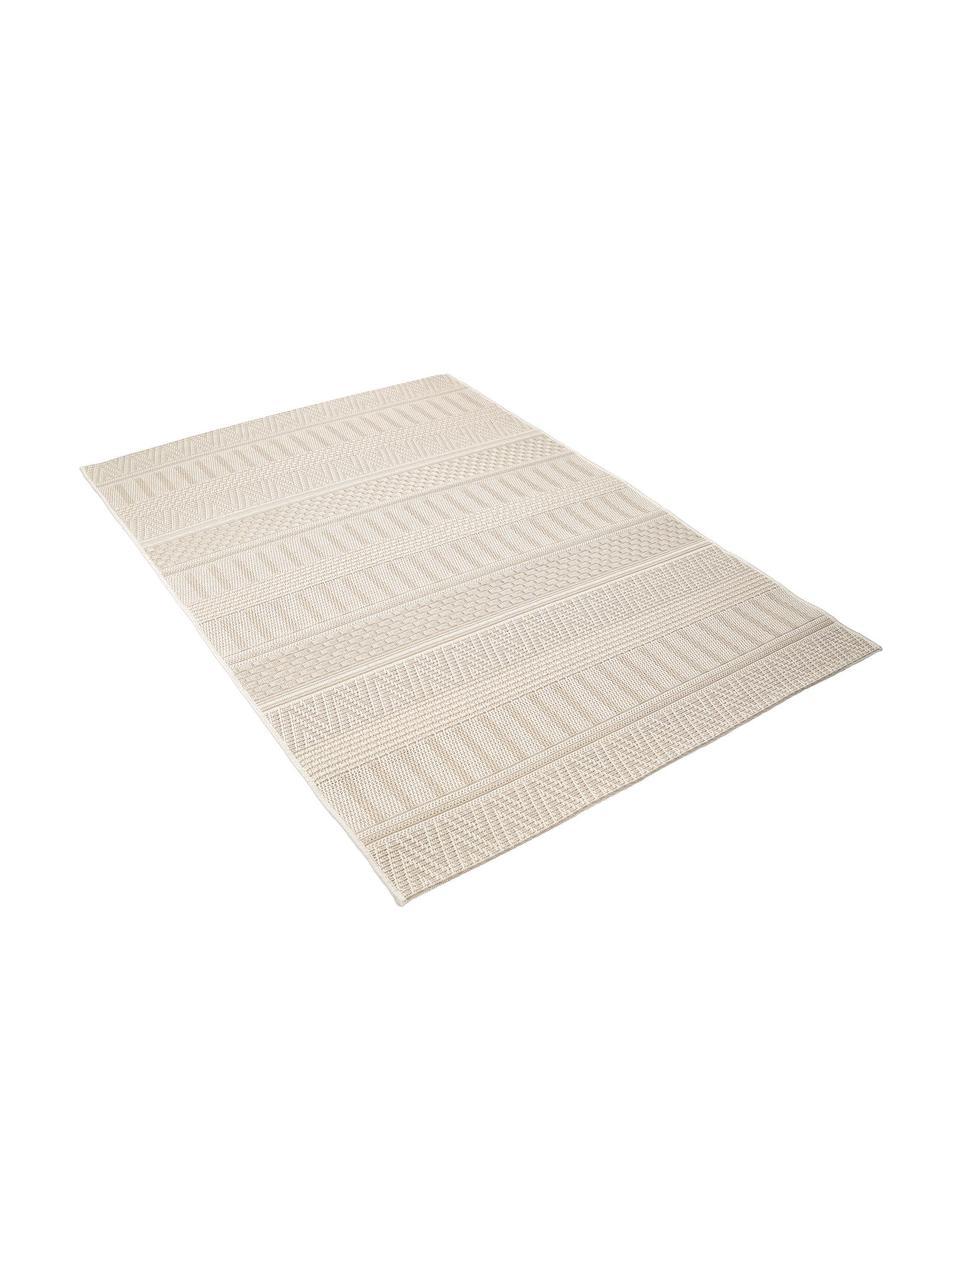 Dywan wewnętrzny/zewnętrzny Naoto, 100% polipropylen, Kremowy, jasny beżowy, S 200 x D 290 cm (Rozmiar L)